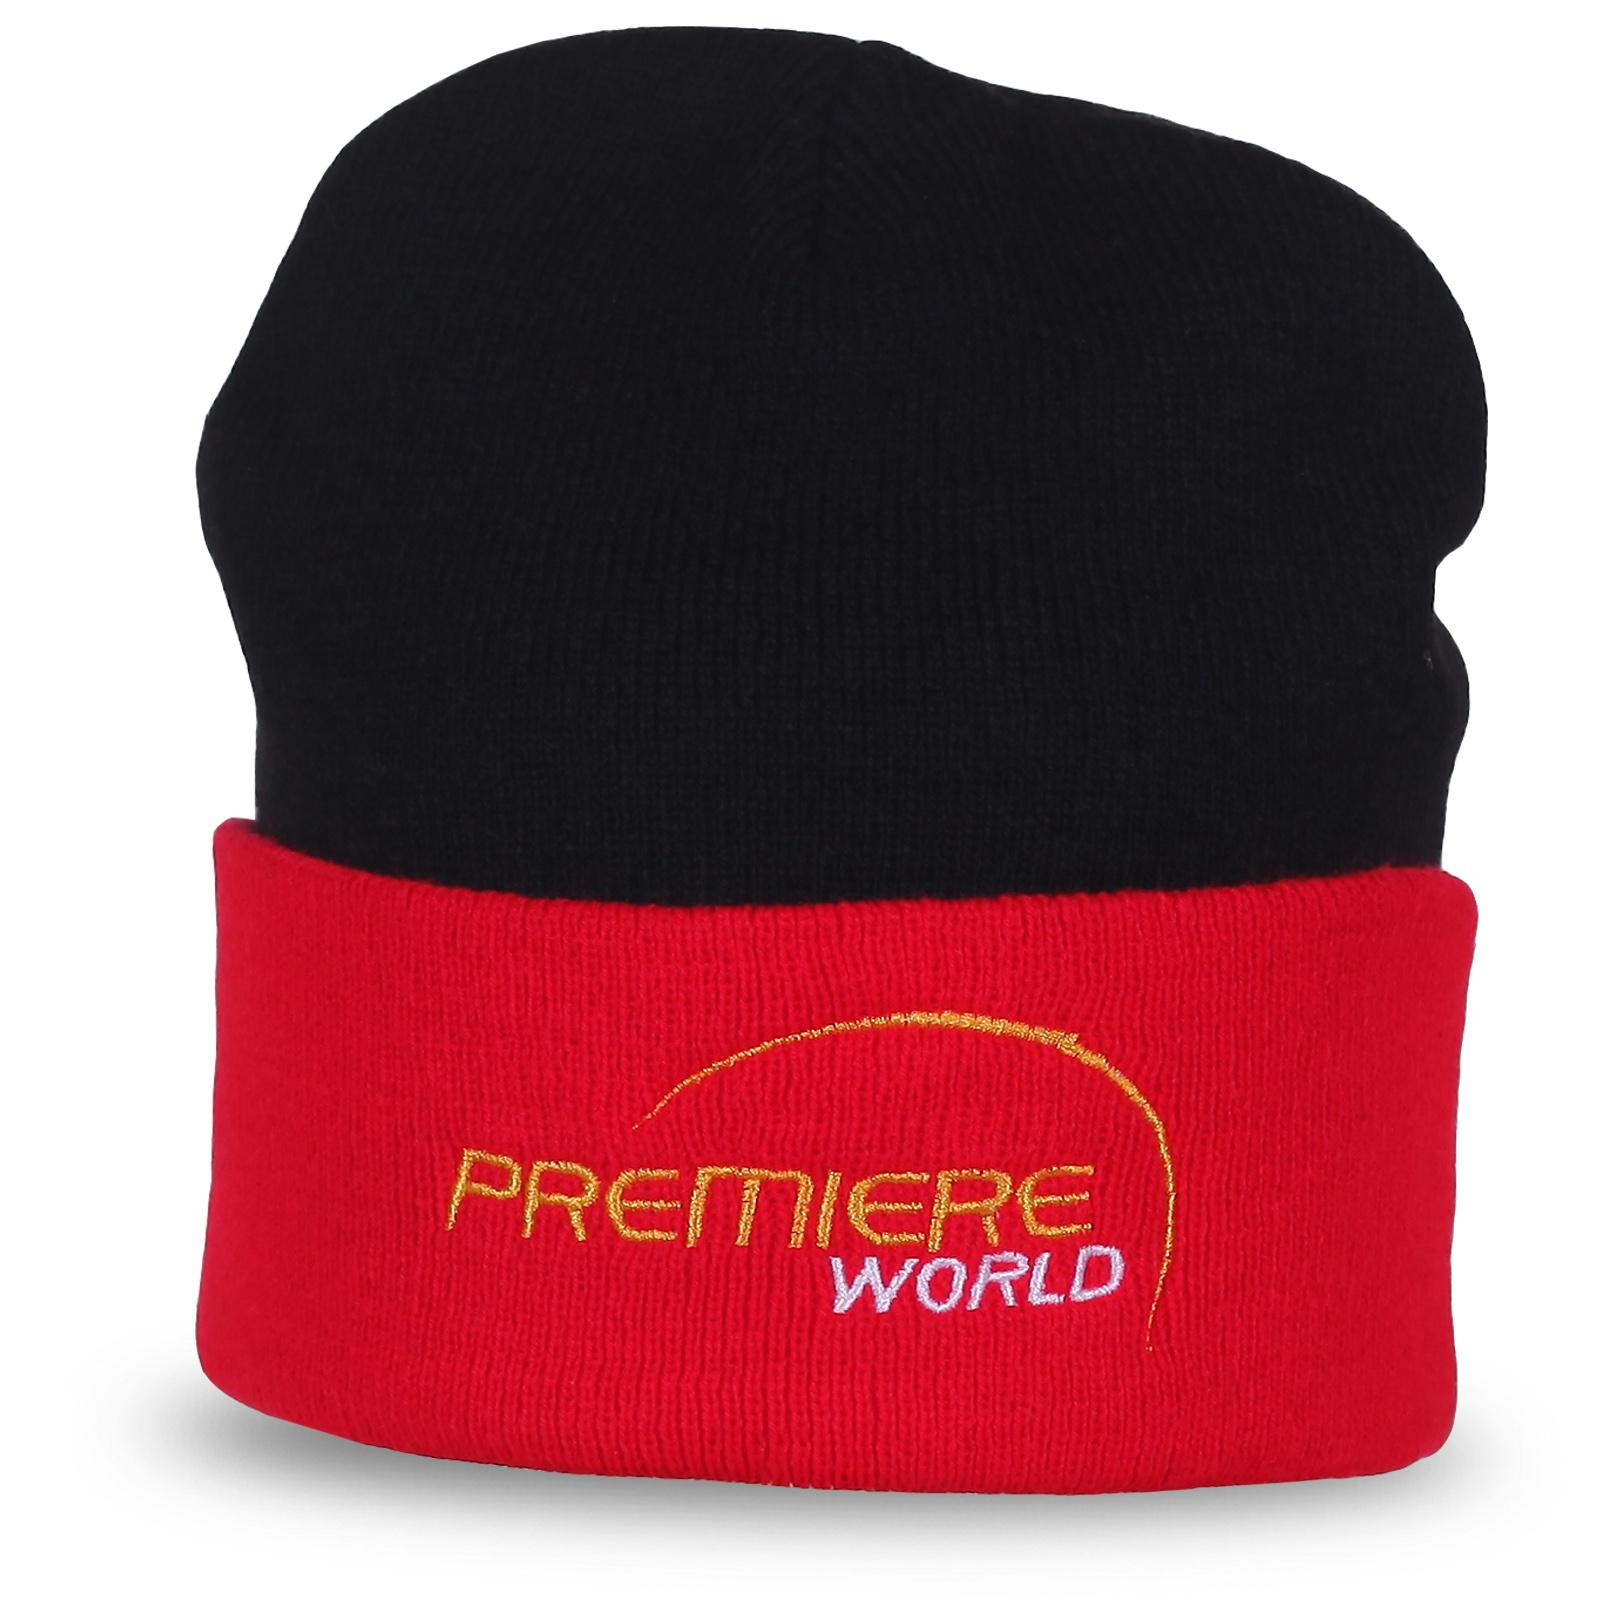 Стильная шапка Premiere World. Дерзкий красно-черный цвет для решительных людей